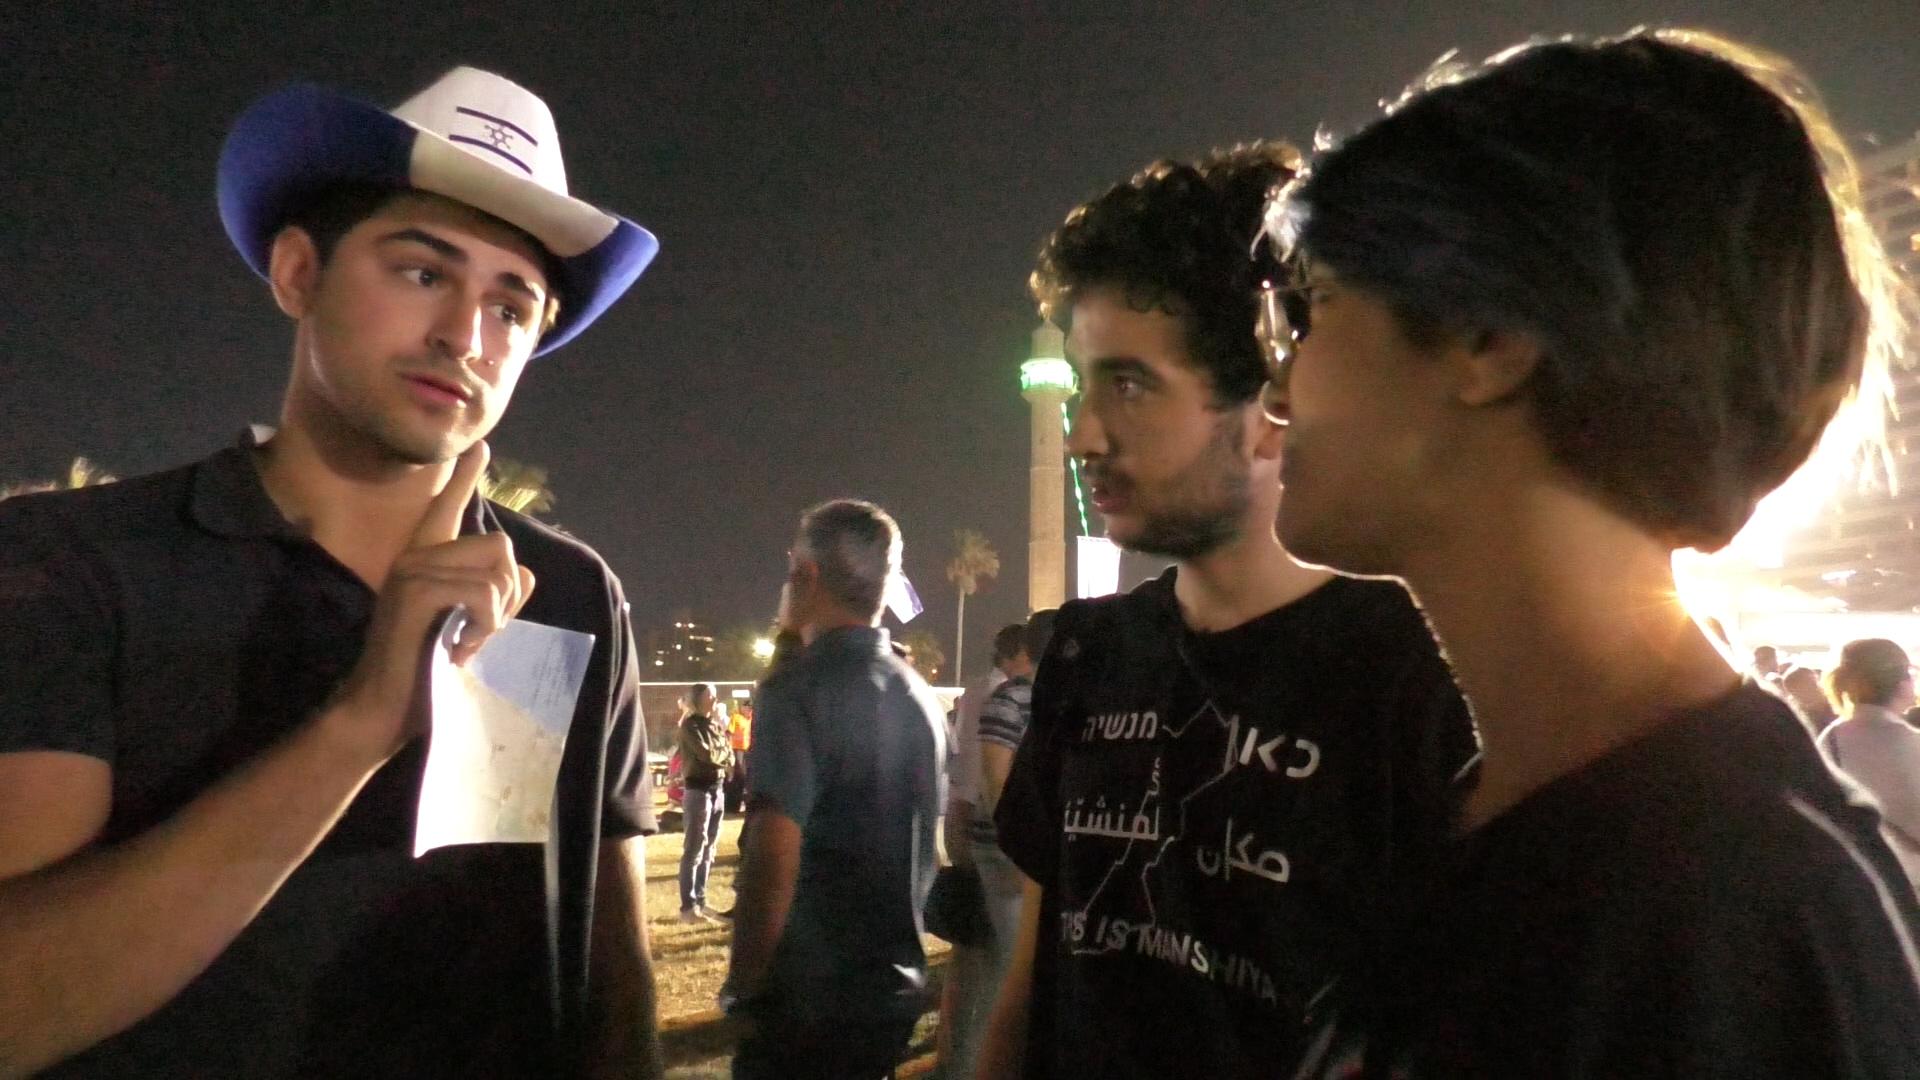 Israeli hat